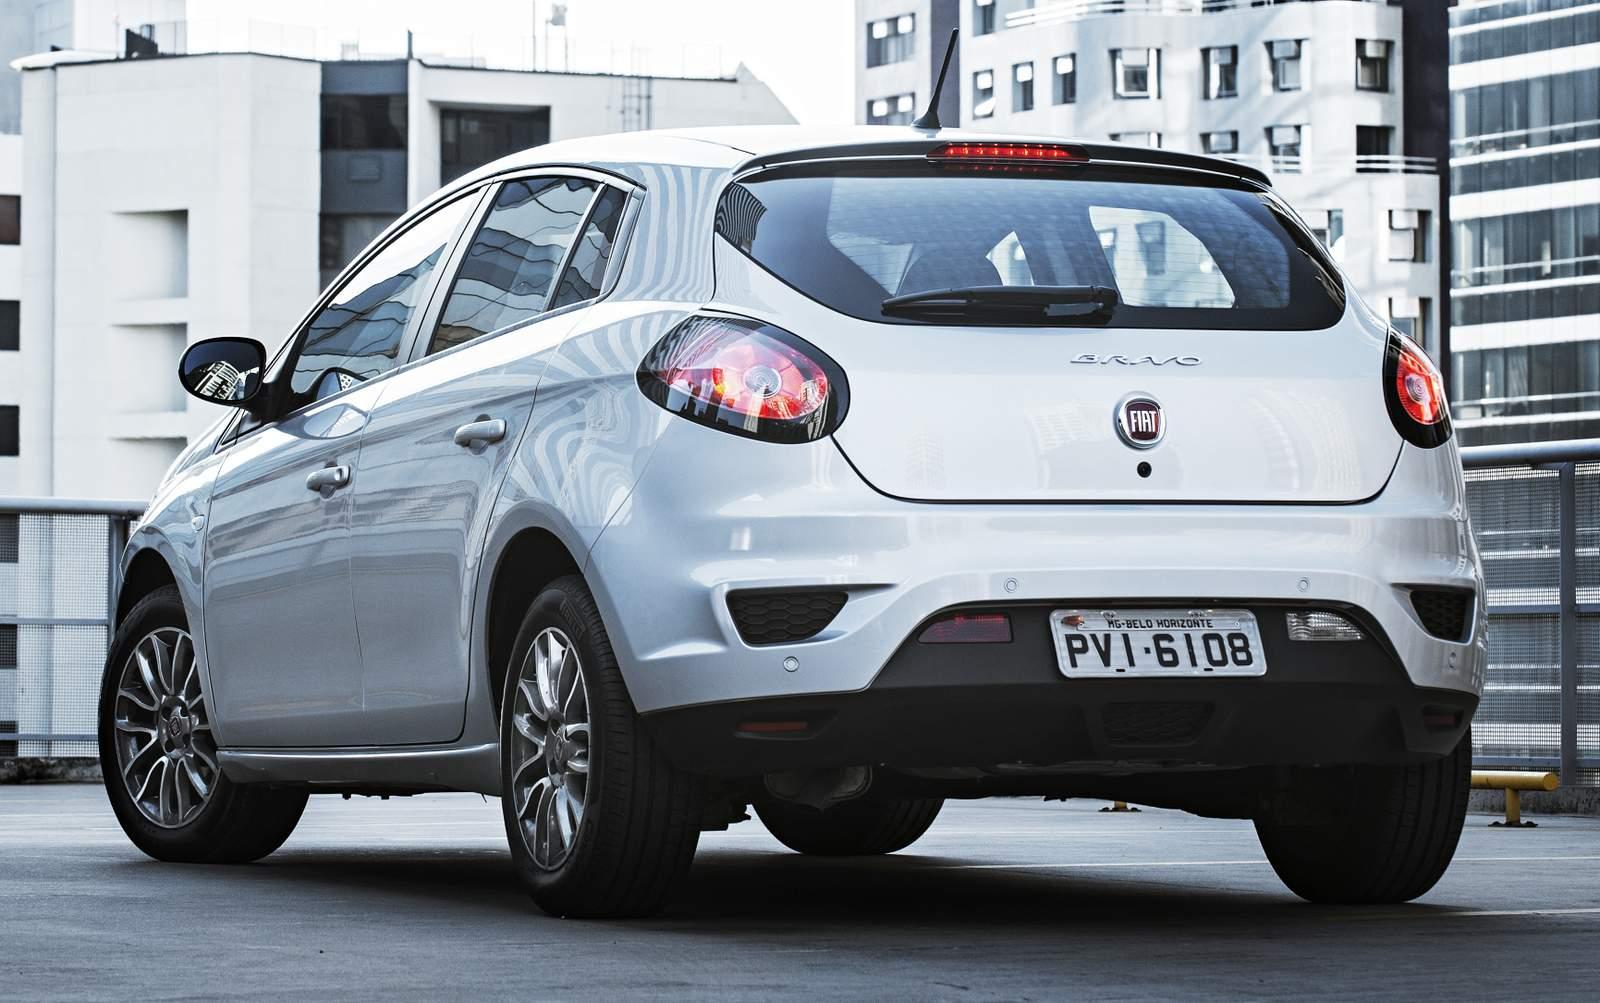 Fiat Bravo - modelo está entre os 10 mais desvalorizados do Brasil